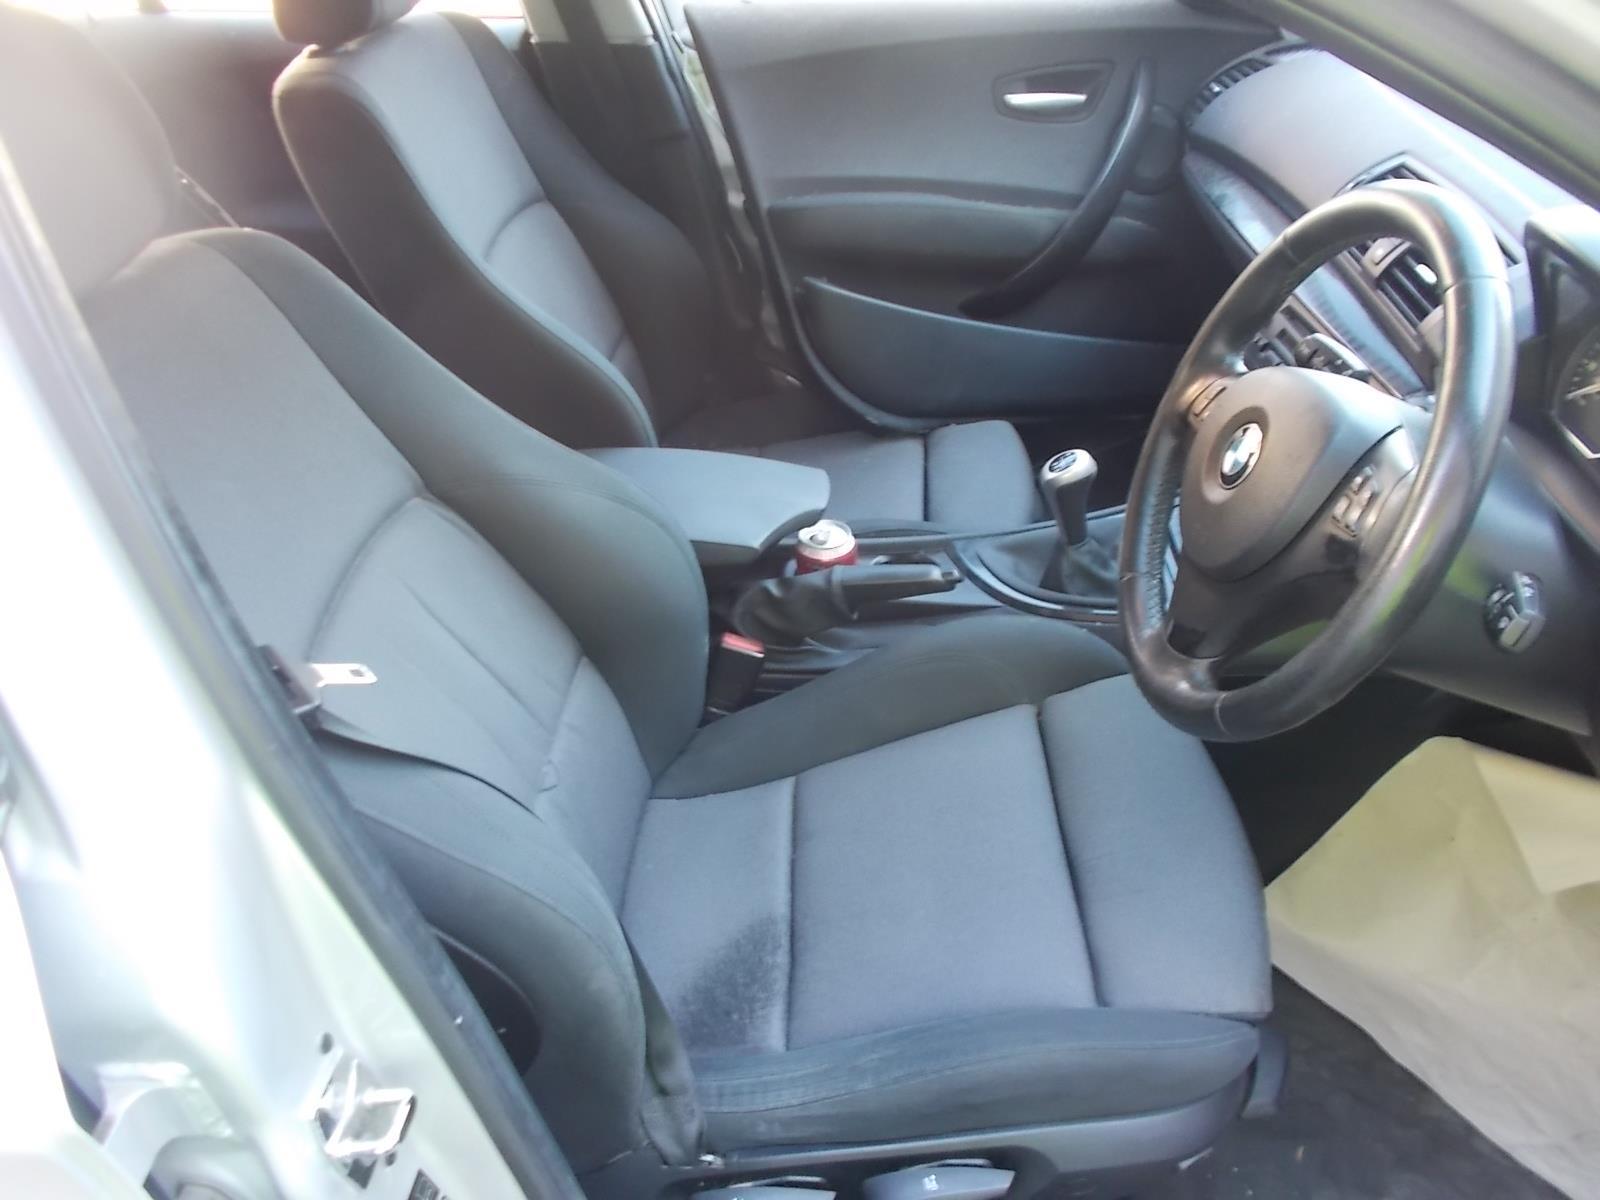 2006 BMW 1 Series 2004 To 2007 5 Door Hatchback (Diesel / Manual ...